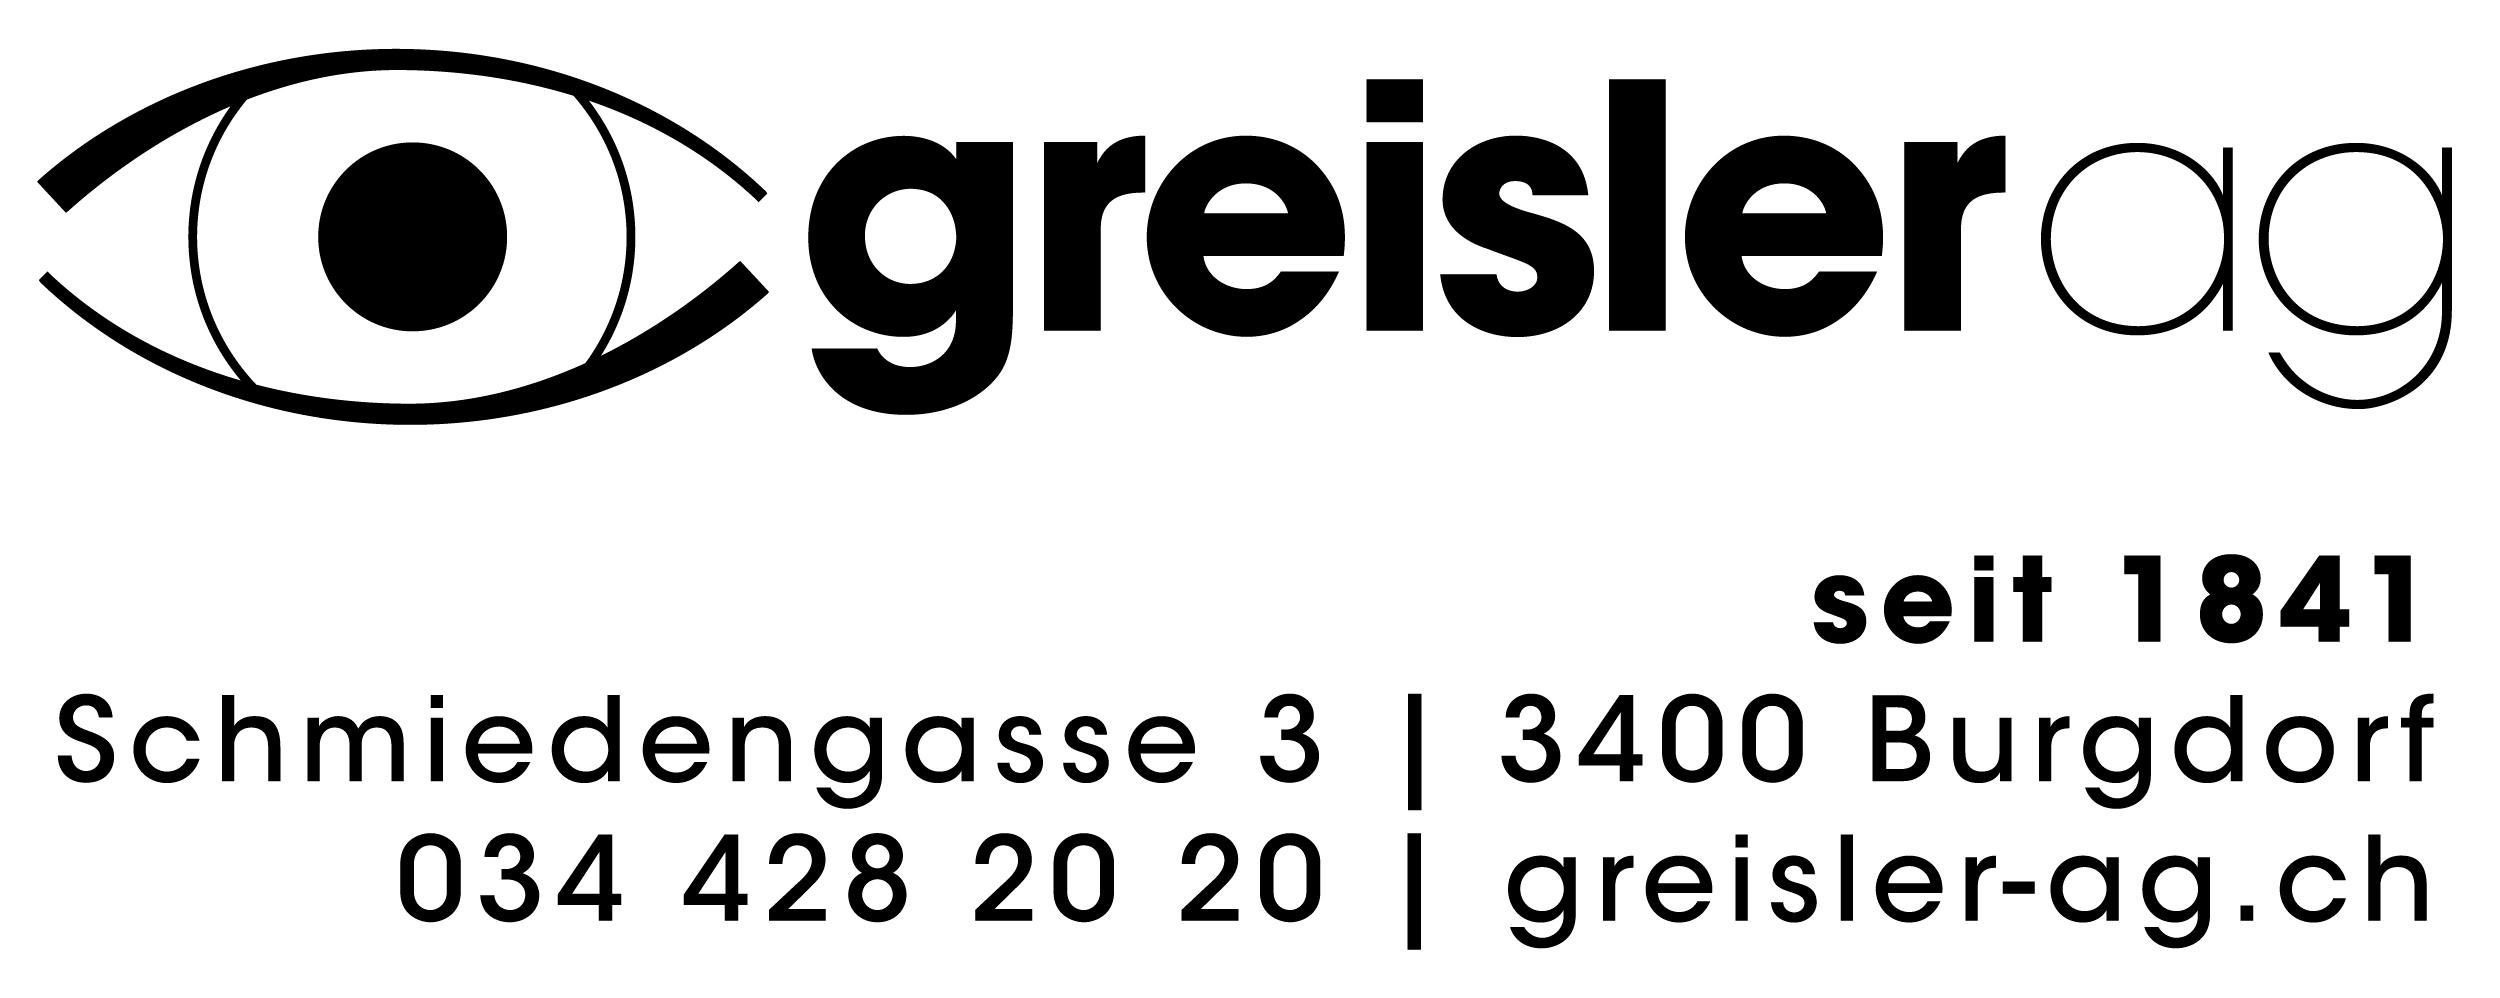 Augenoptik Greisler Ag, Brillen und Kontaktlinsen